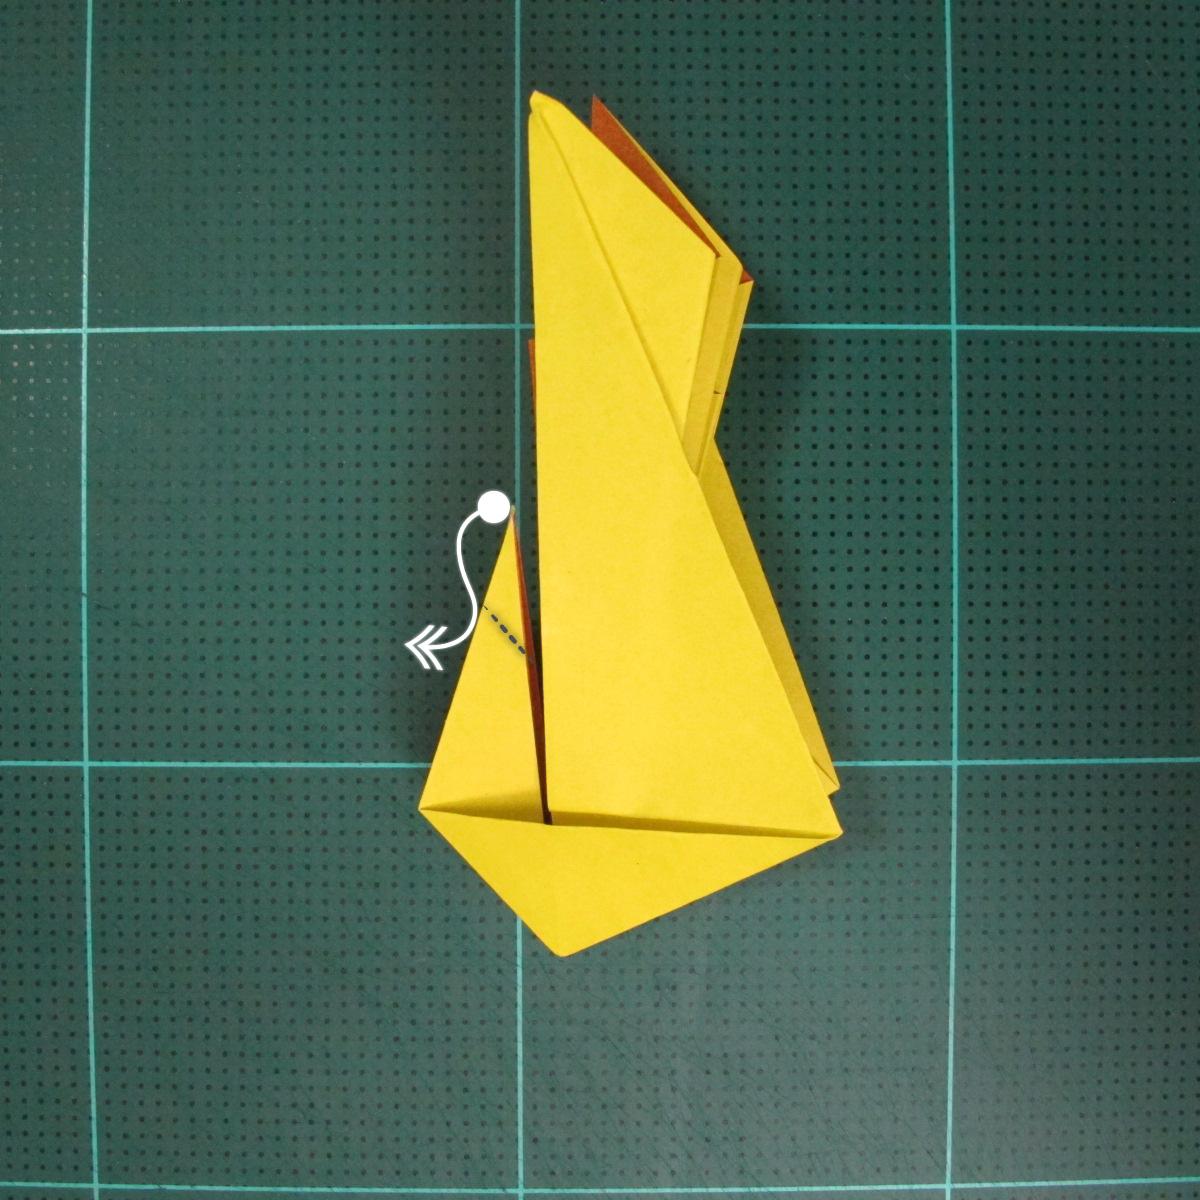 วิธีพับกระดาษเป็นรูปนกยูง (Origami Peacock - ピーコックの折り紙) 027